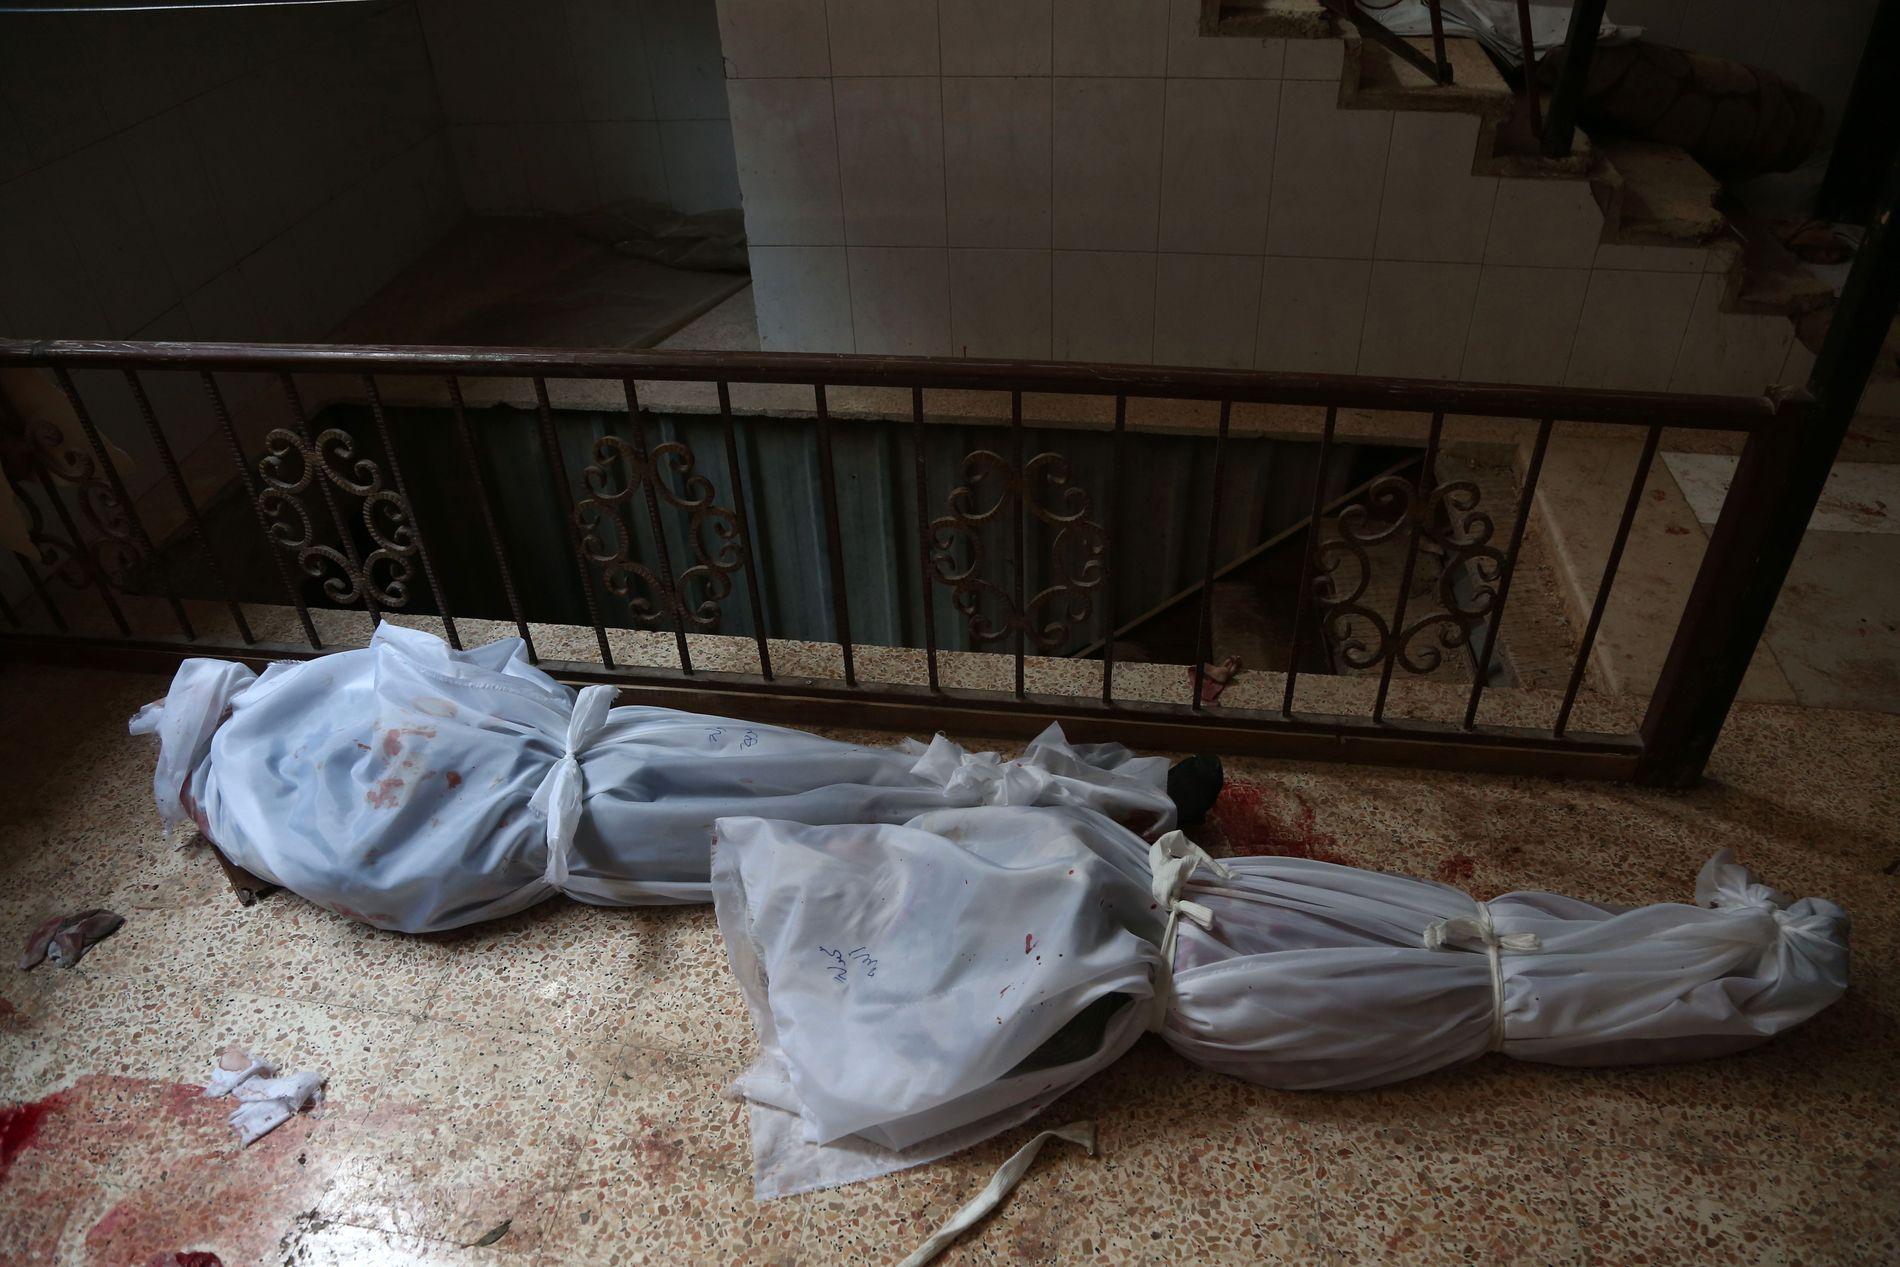 DREPT: Døde mennesker, drept i bombeangrep i Øst-Ghouta den 18. februar, fotografert av Abdulmonam Eassa i Hamouria.Foto: ABDULMONAM EASSA / AFP